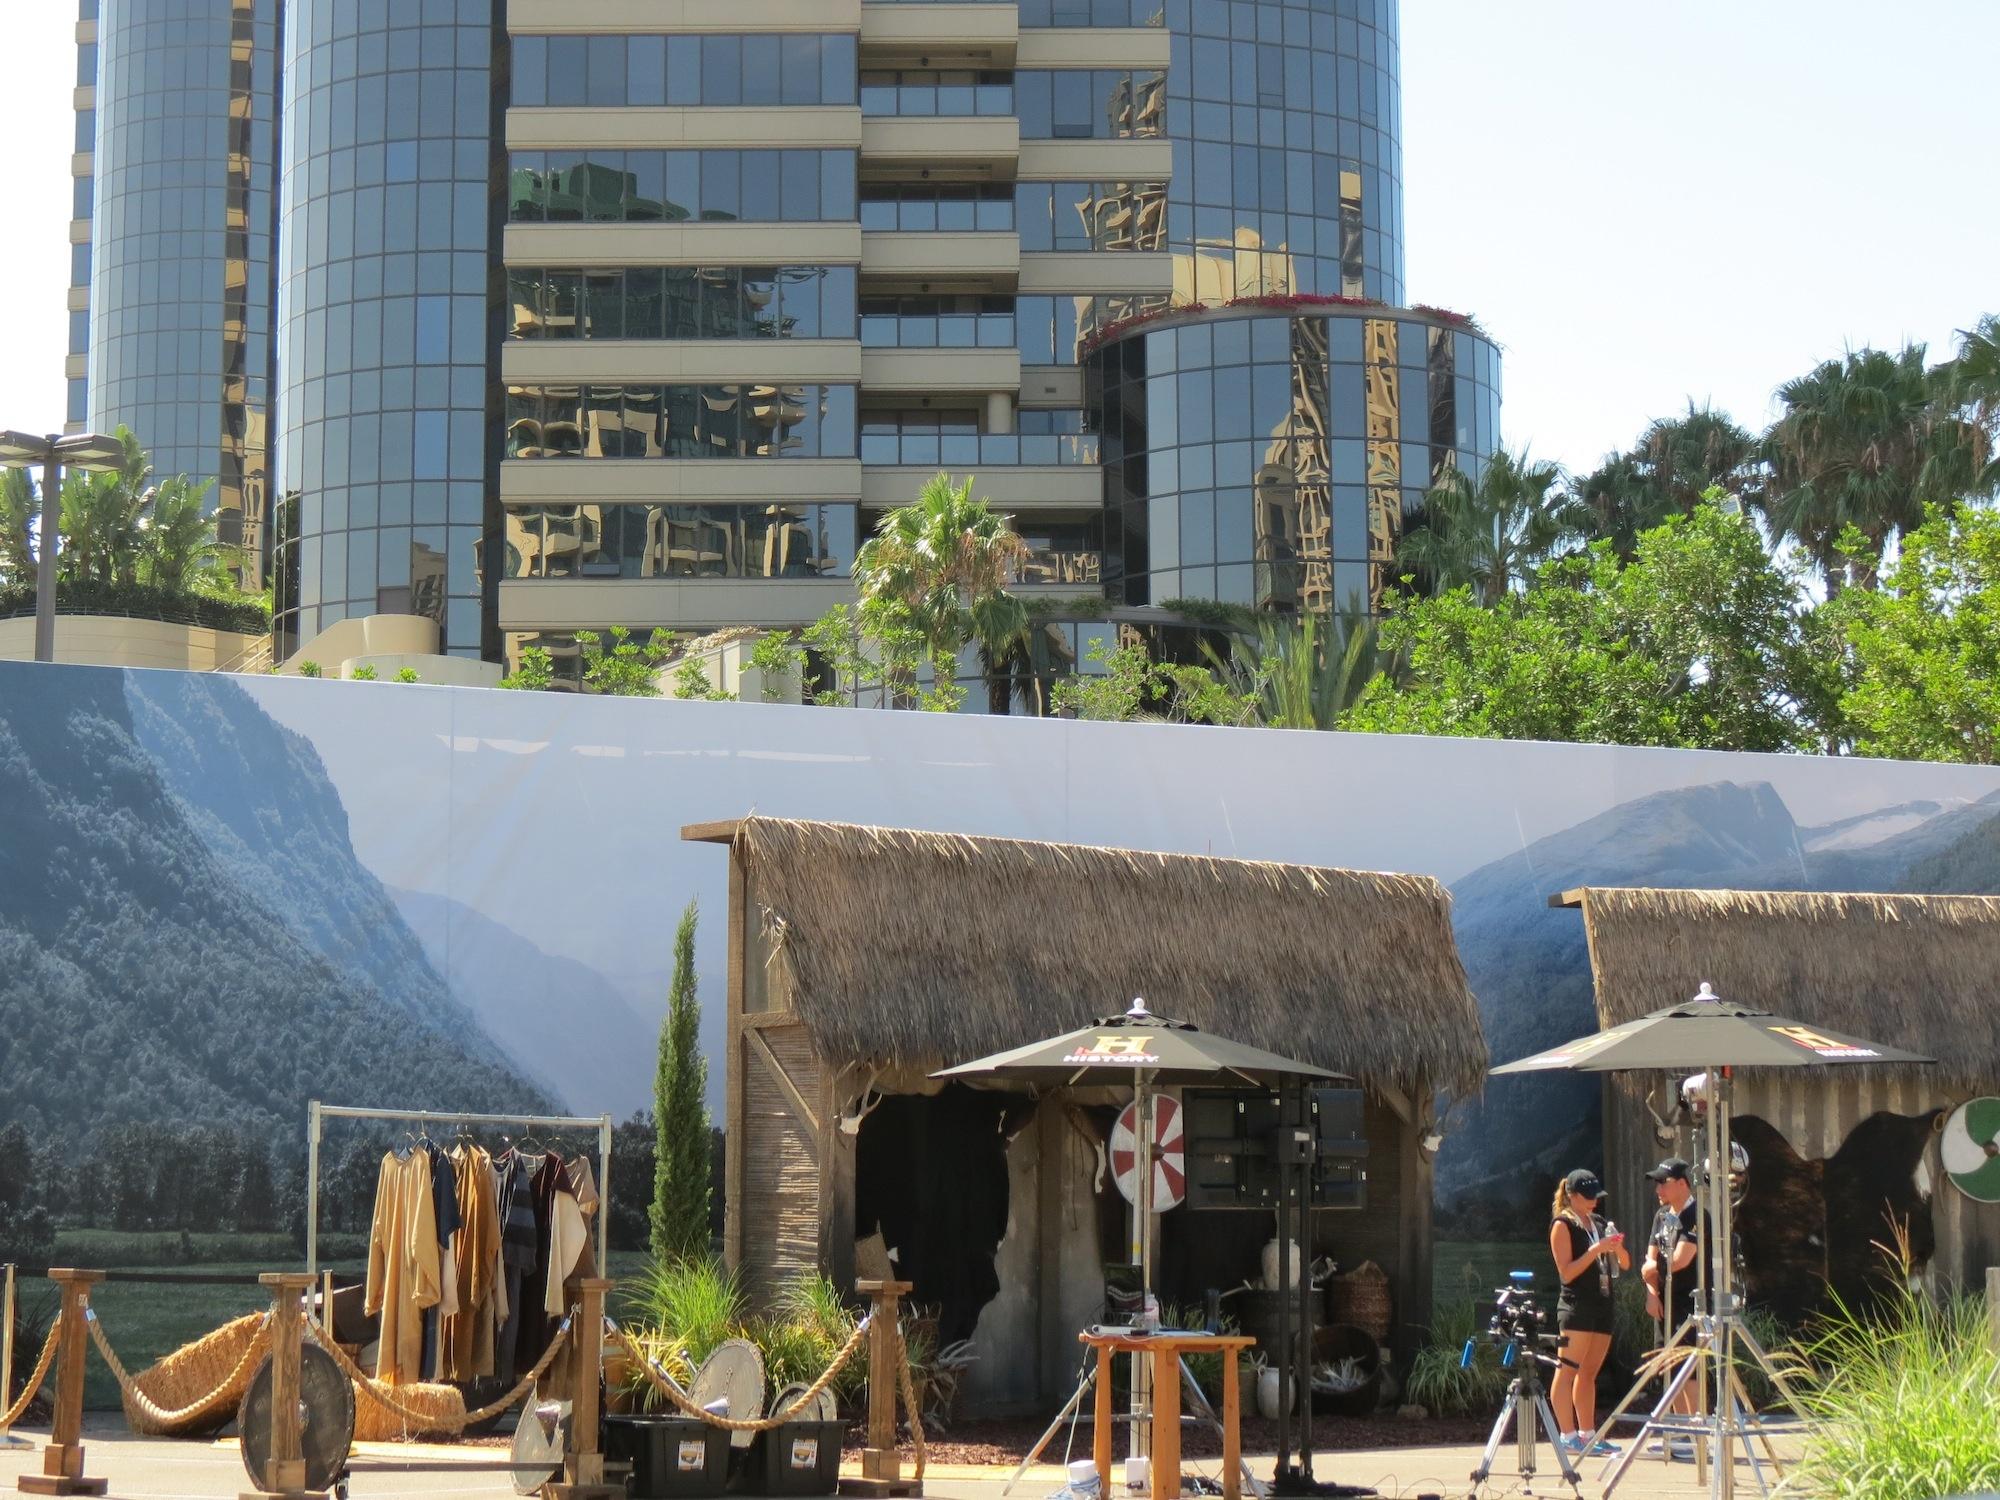 Vikings at Comic-Con!